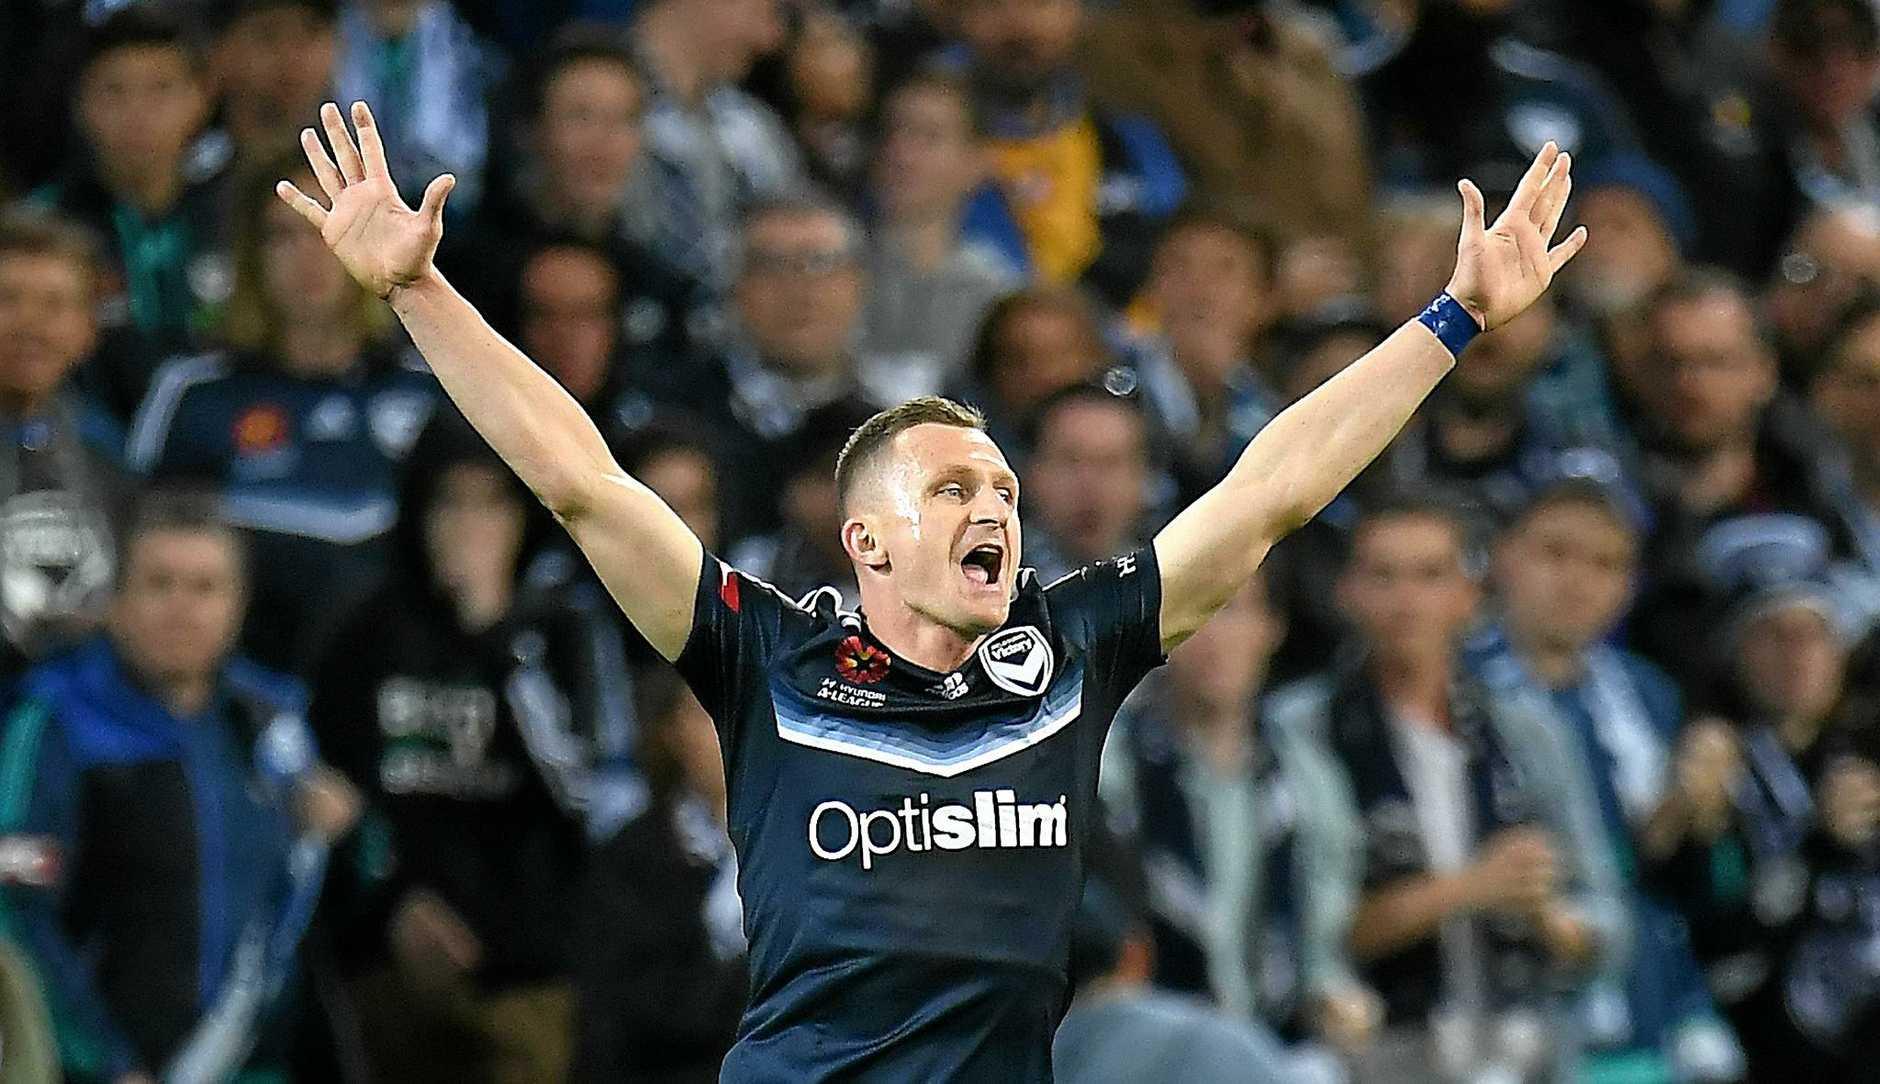 Besart Berisha celebrates reaching the A-League grand final aftera 1-0 win over Brisbane Roar.